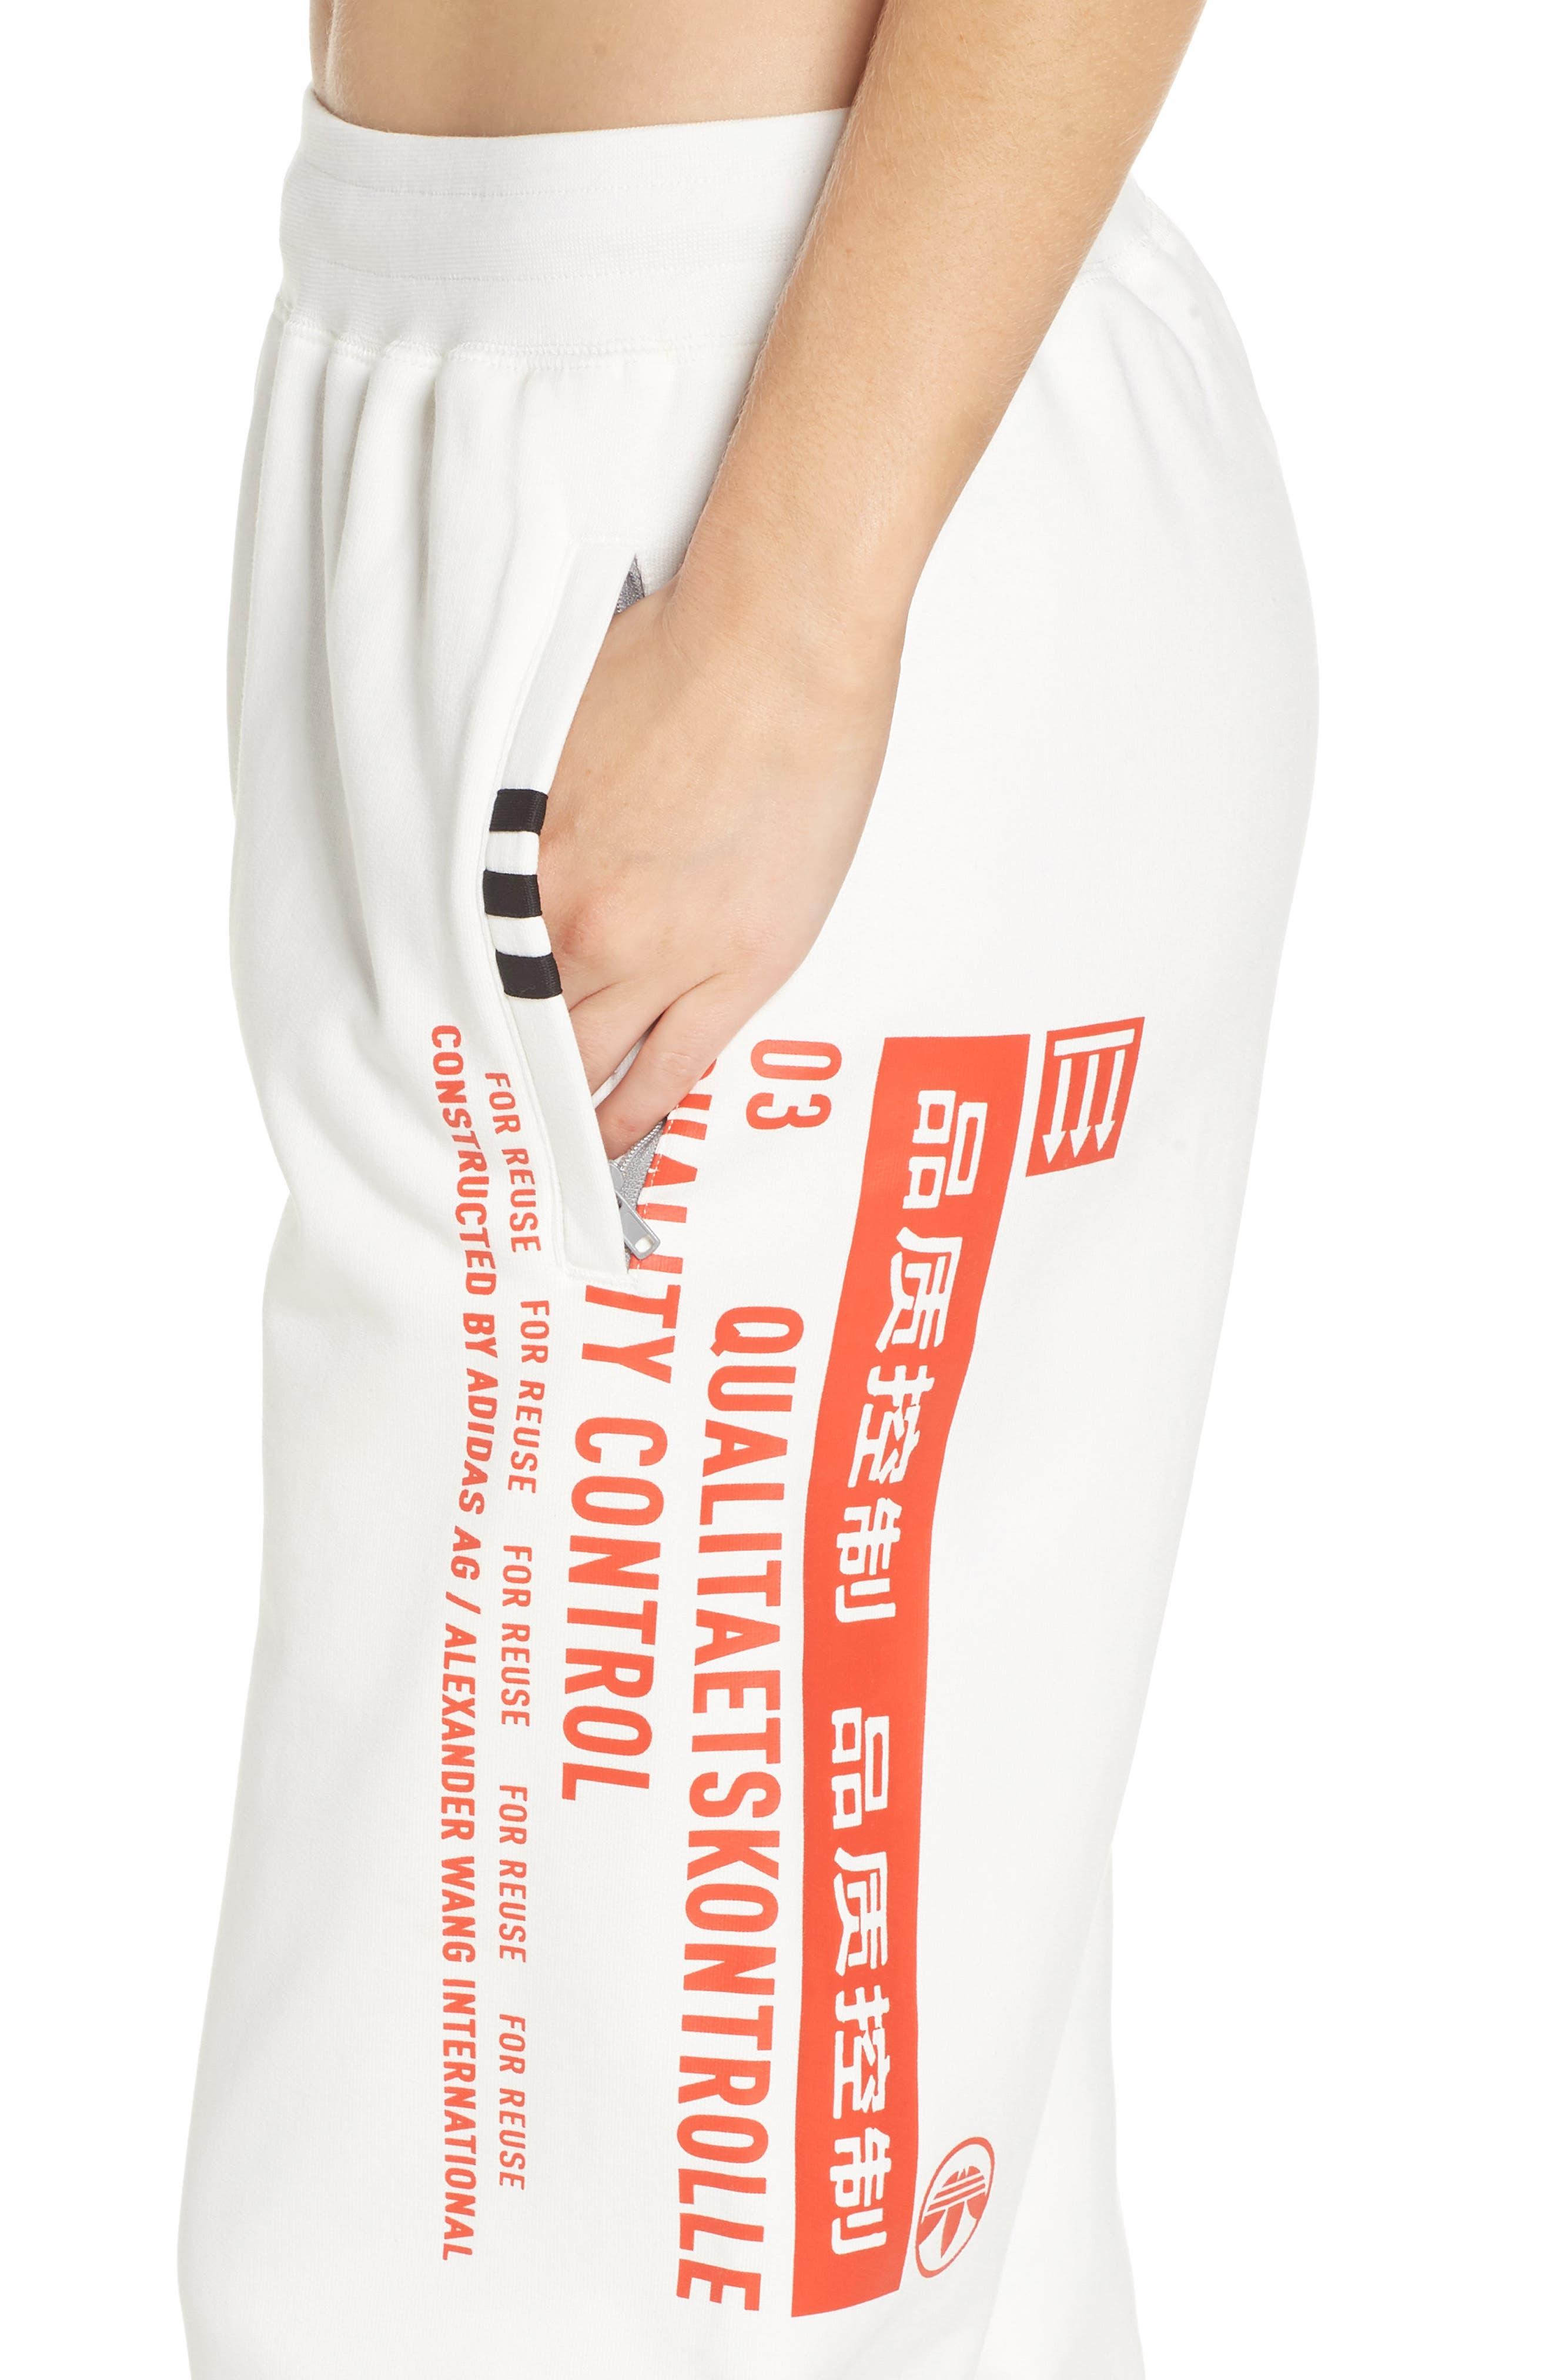 Graphite Jogger Pants,                             Alternate thumbnail 4, color,                             White/ Orange/ Black